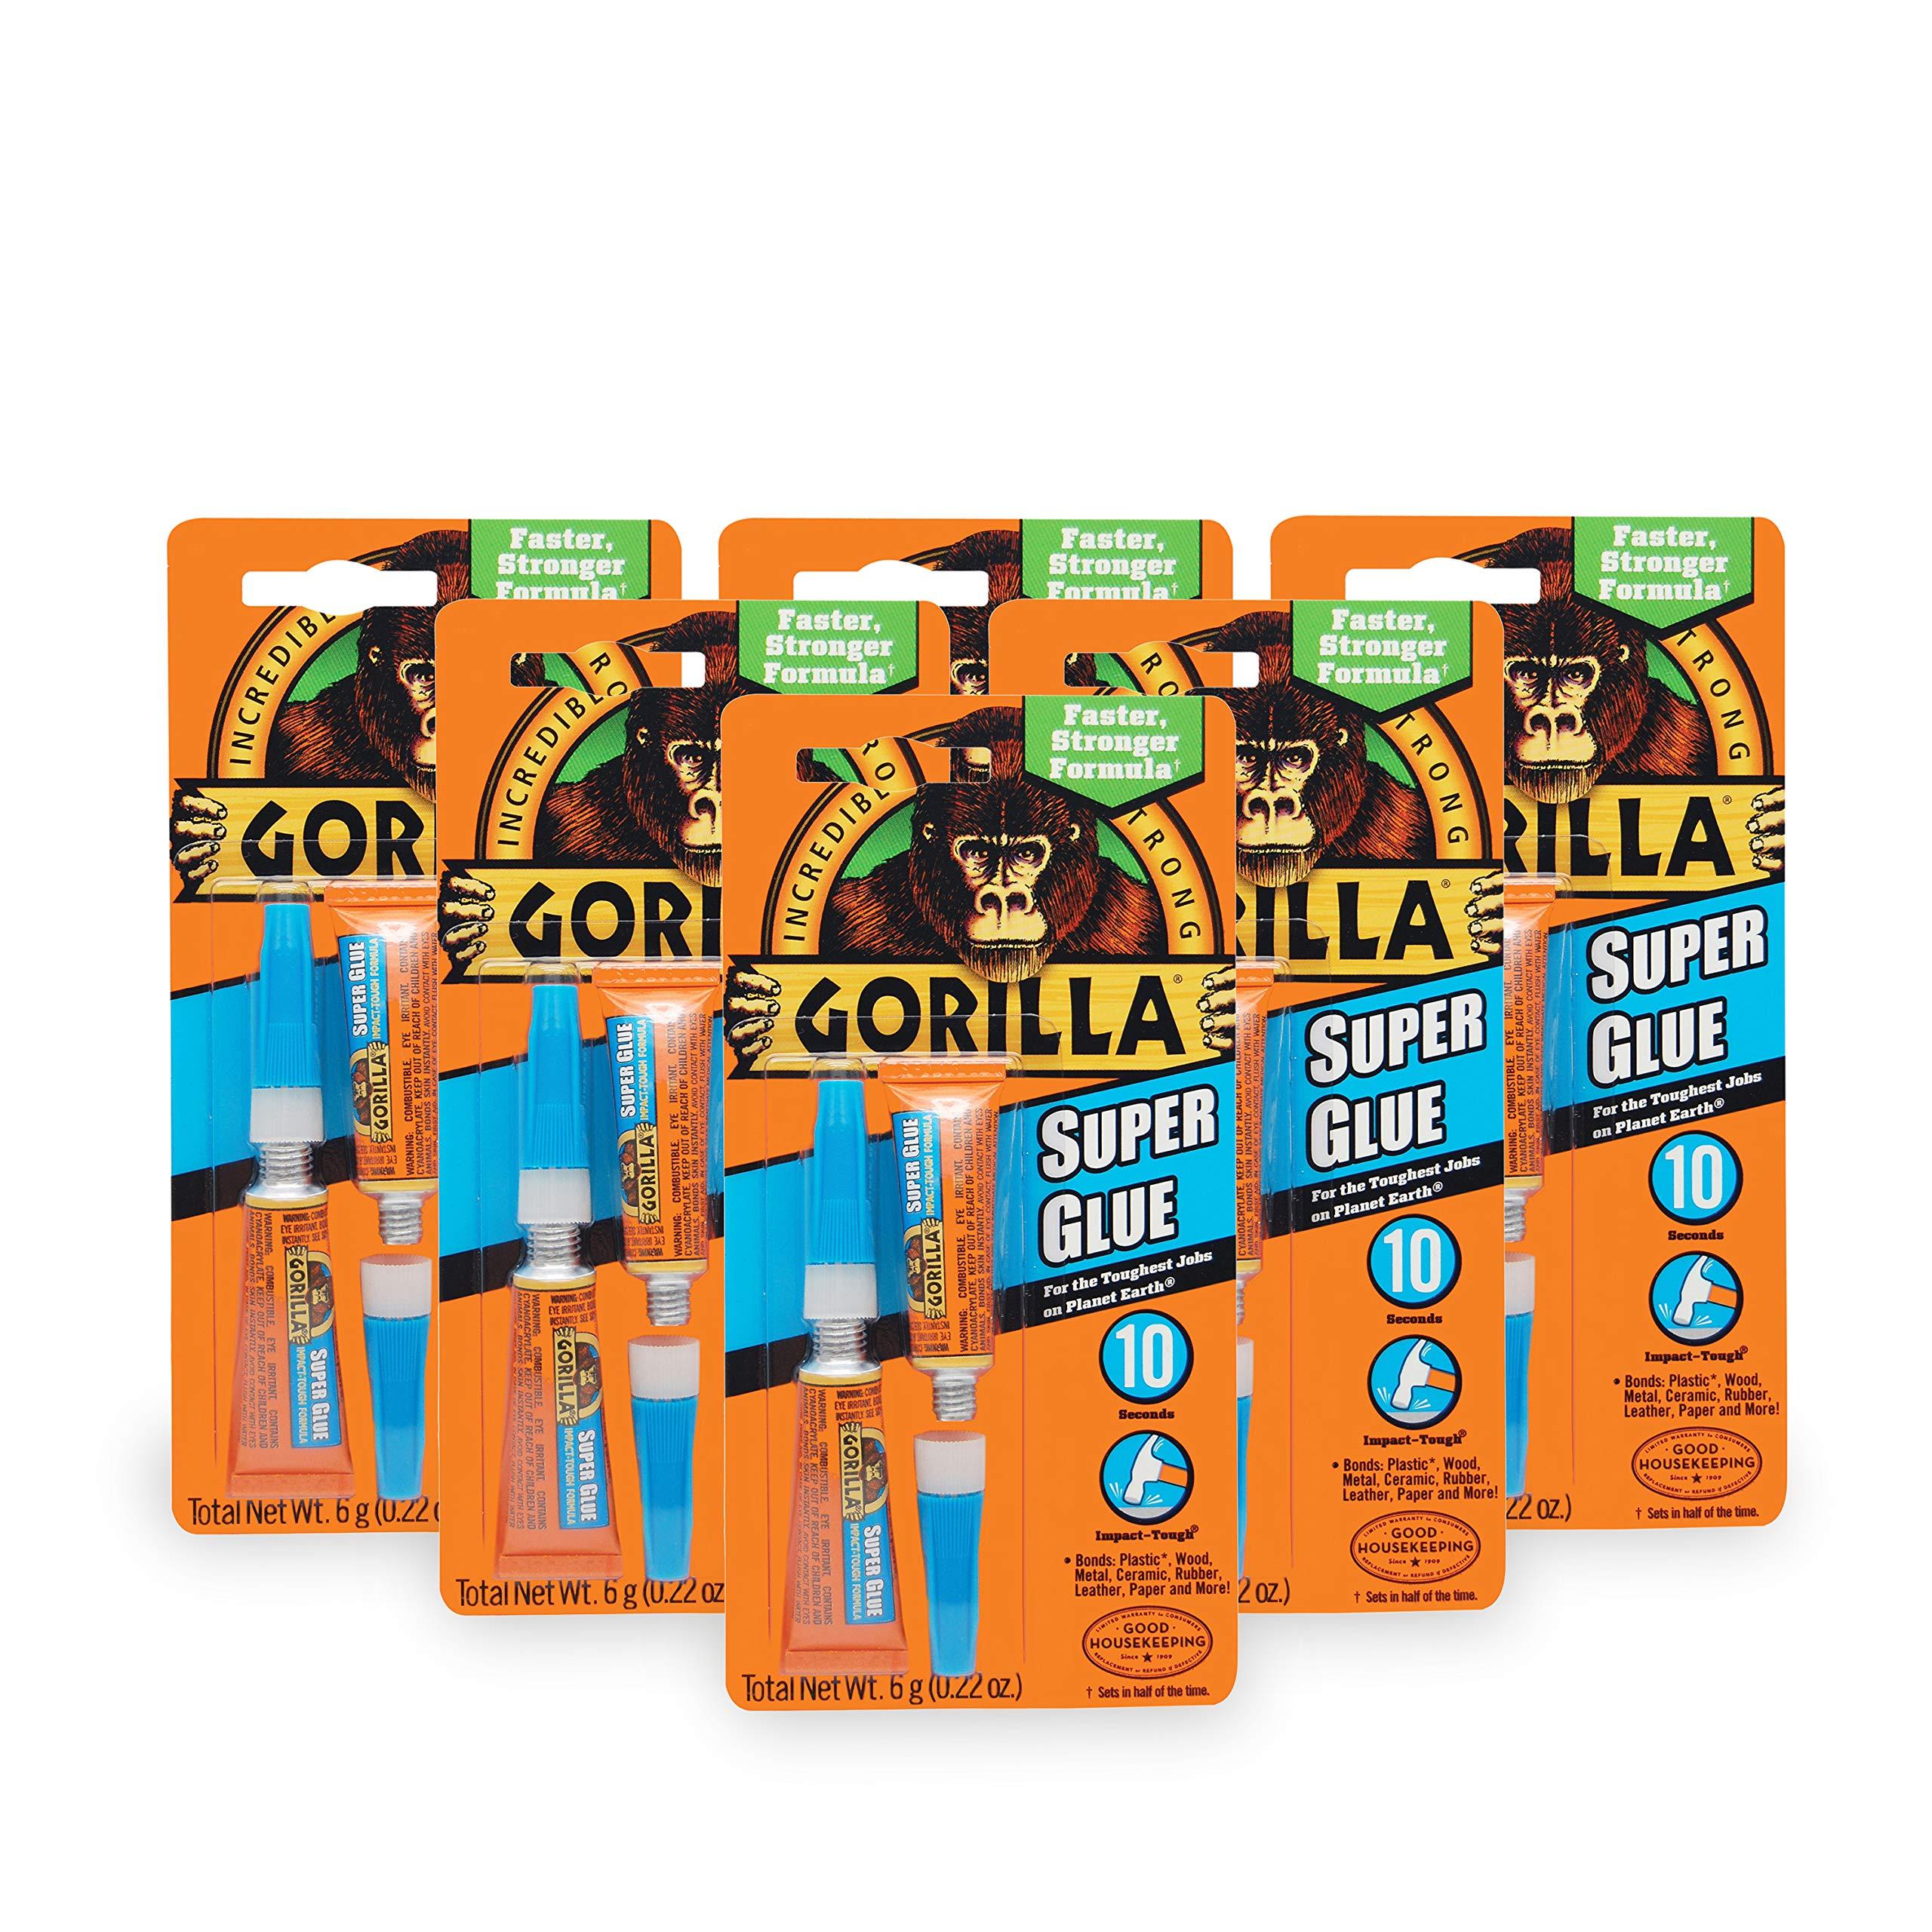 Gorilla Super Glue, 6 g, Clear, (6 Pack)